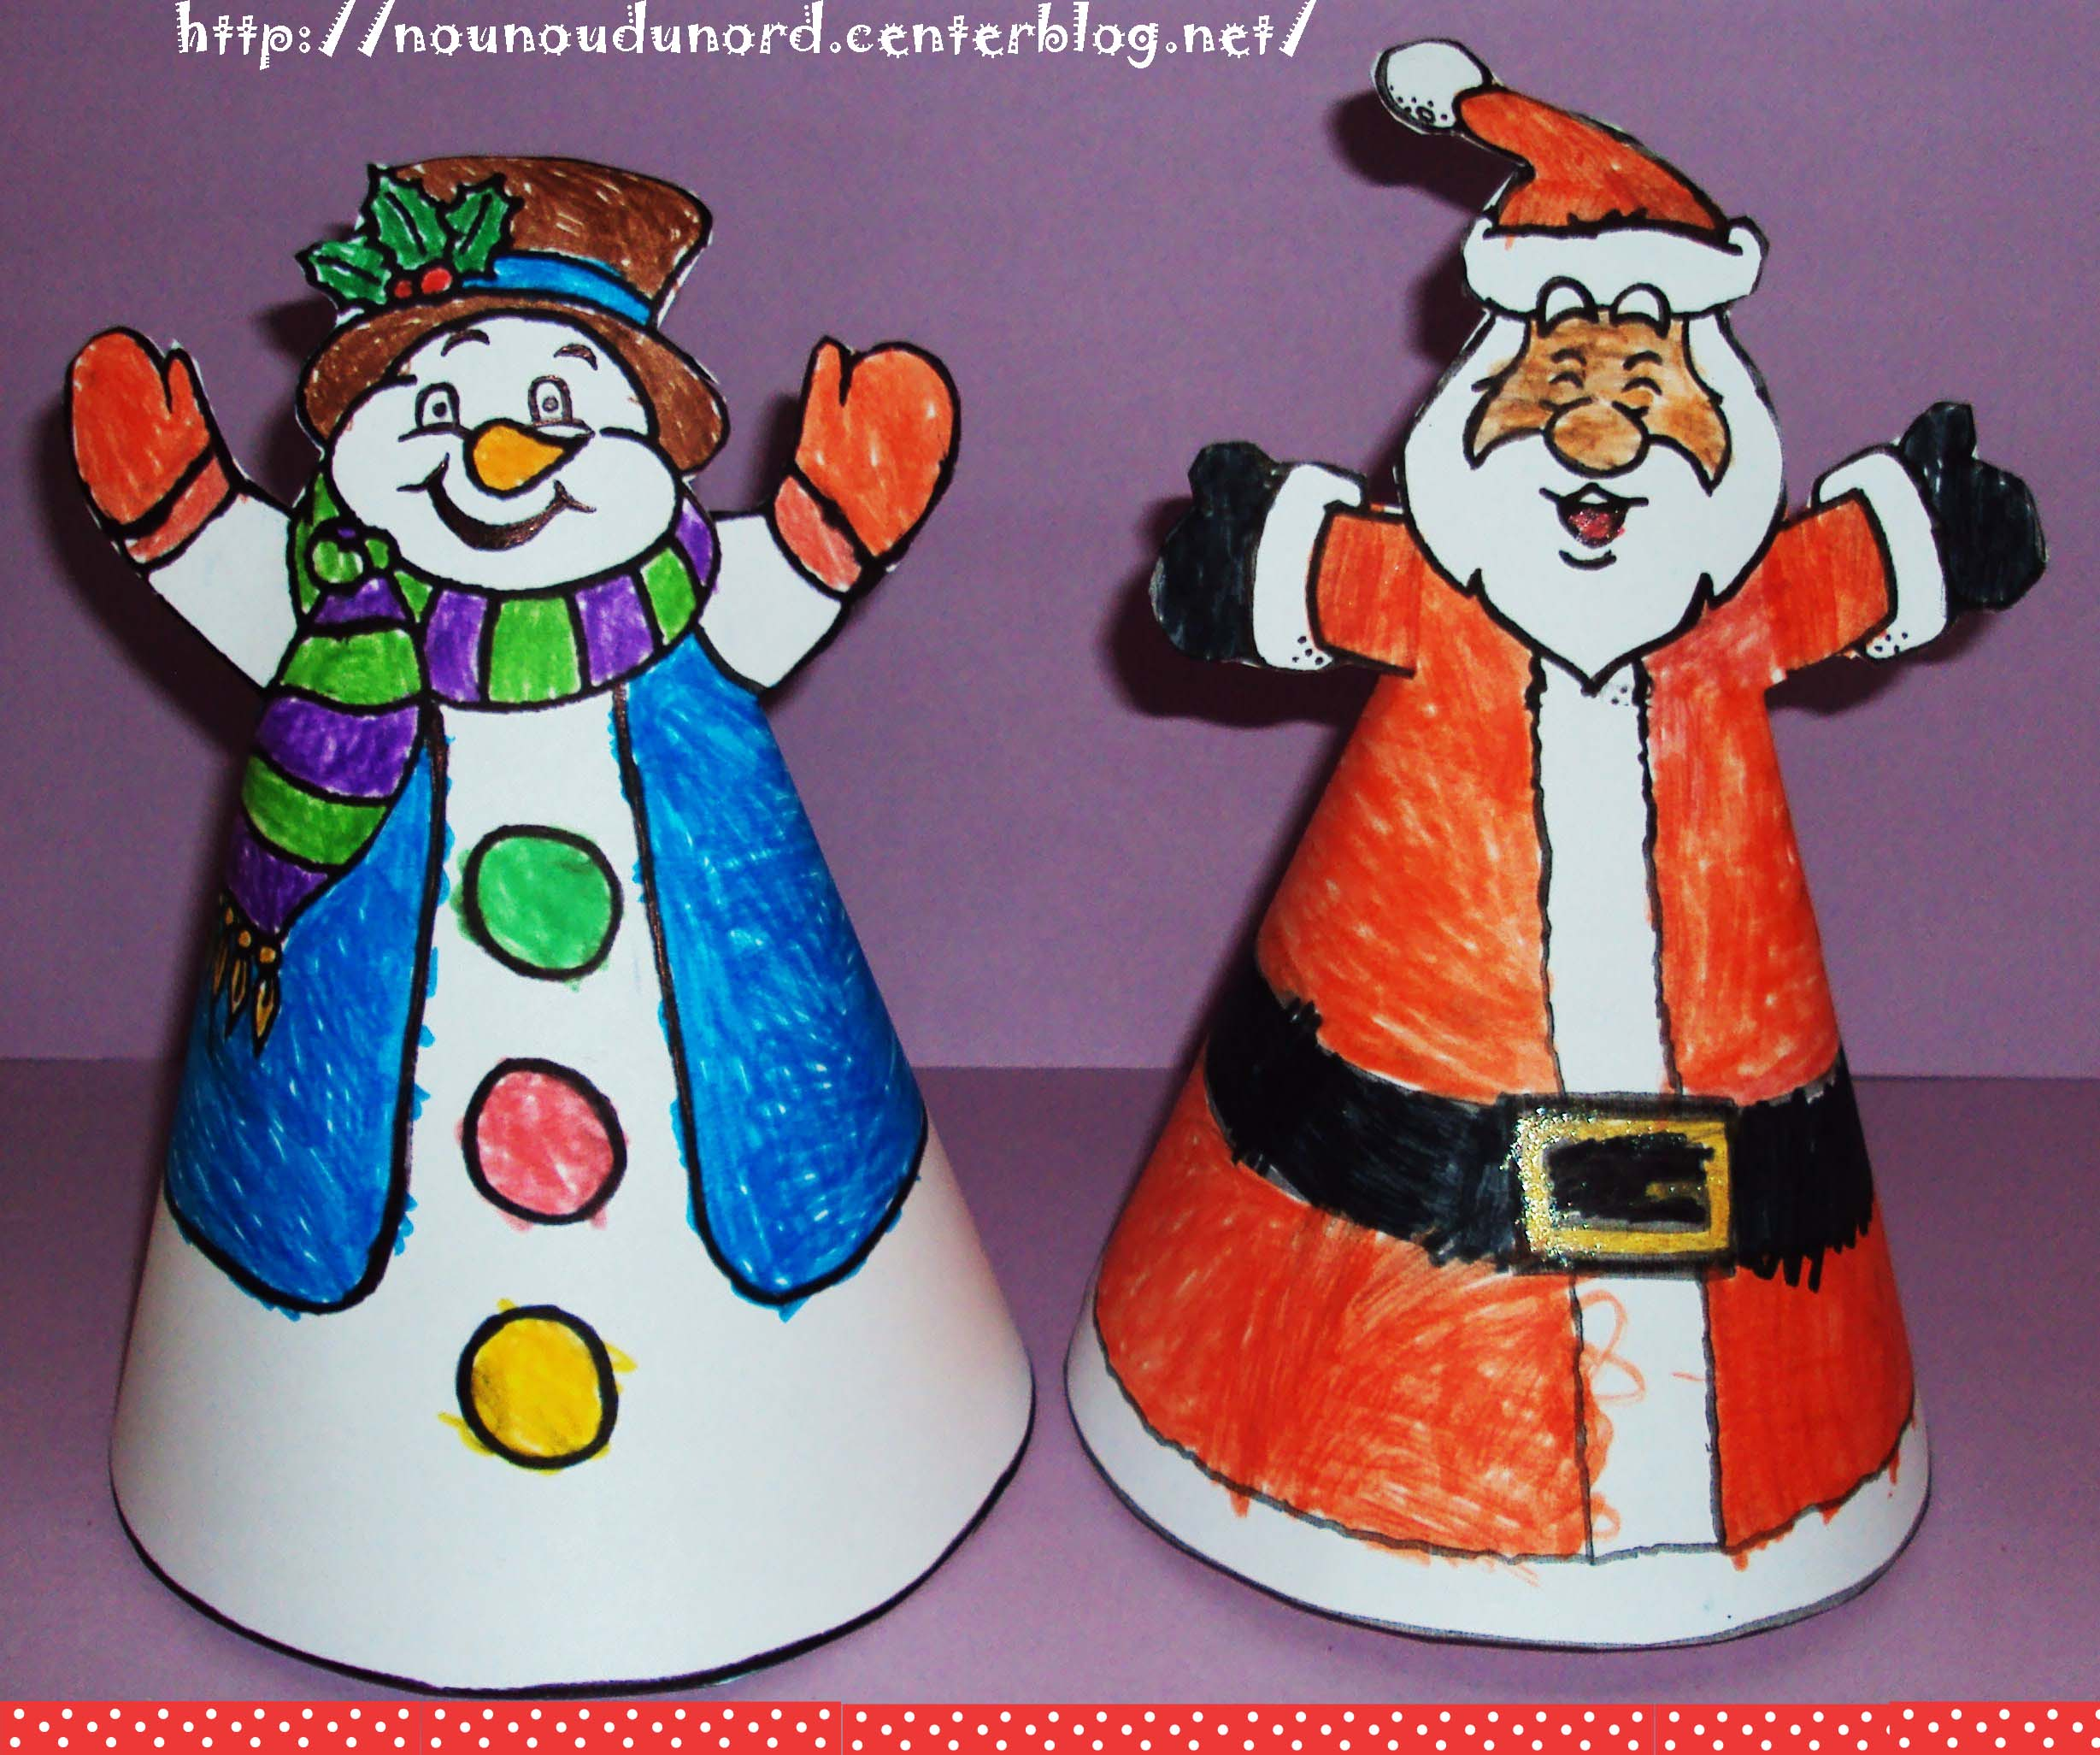 #0374C8 Père Noël Et Bonhomme De Neige Coloriés Par Lison 6333 décoration noel a fabriquer bonhomme de neige 2457x2053 px @ aertt.com